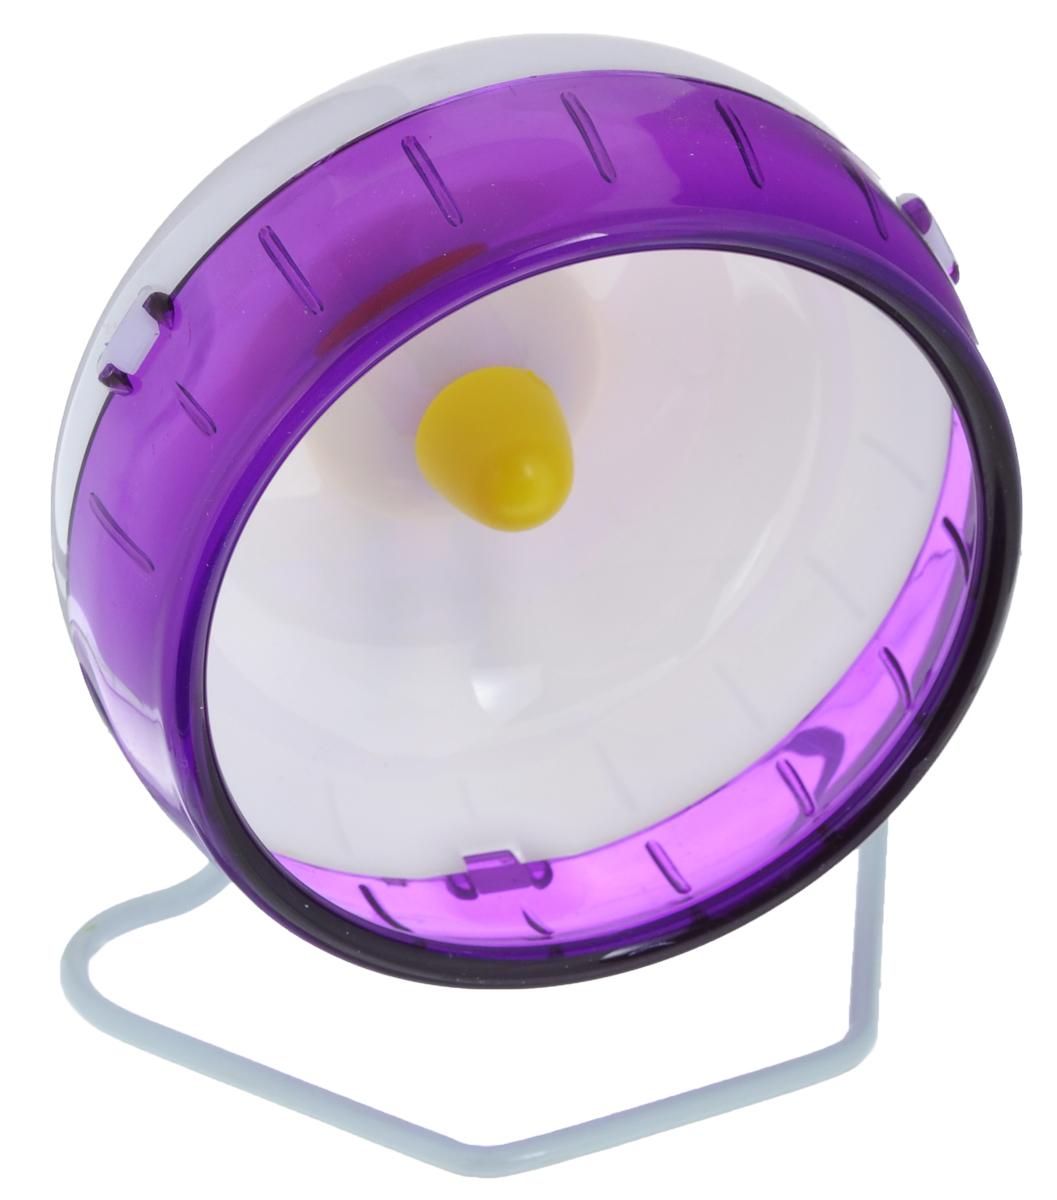 Колесо для грызунов I.P.T.S., цвет: белый, фиолетовый, диаметр 12 см285150_белый, фиолетовыйКолесо для грызунов I.P.T.S., выполненное из прочного пластик и металла, очень удобное и бесшумное, с высоким уровнем безопасности. Поместив его в клетку, вы обеспечите своему питомцу необходимую физическую активность. Сплошная внутренняя поверхность без щелей убережет хомячка от возможных травм. Можно установить на подставку или прикрепить к решетке. Предназначено для карликовых хомяков и мышей. Диаметр колеса: 12 см.